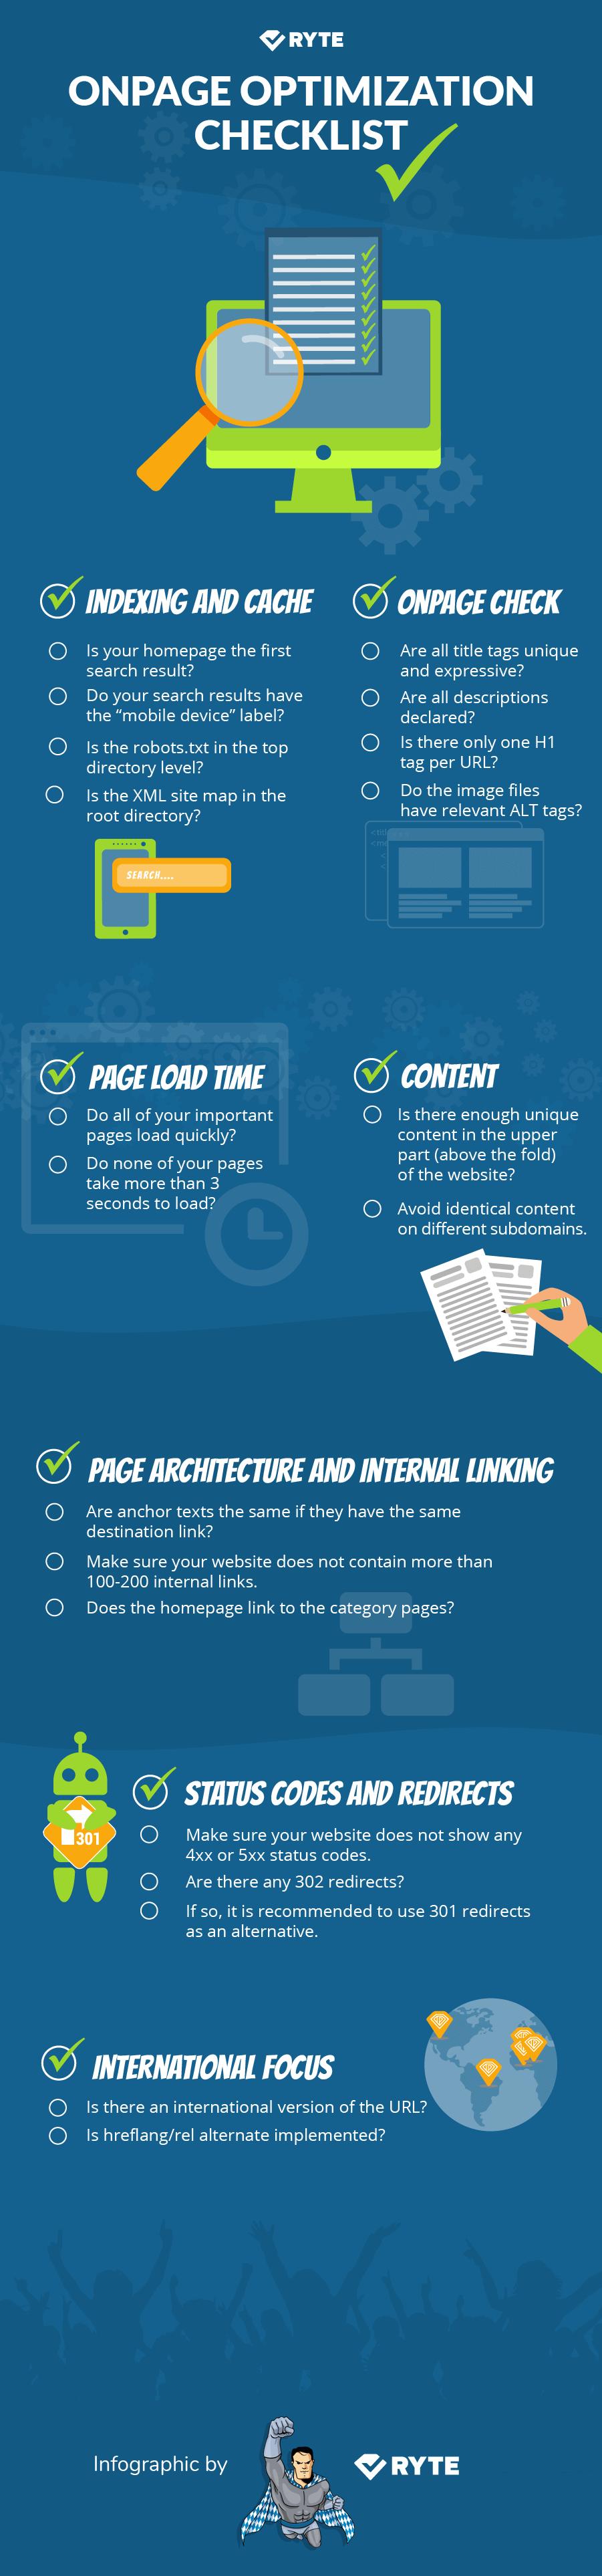 OnPage-Optimierung Checkliste